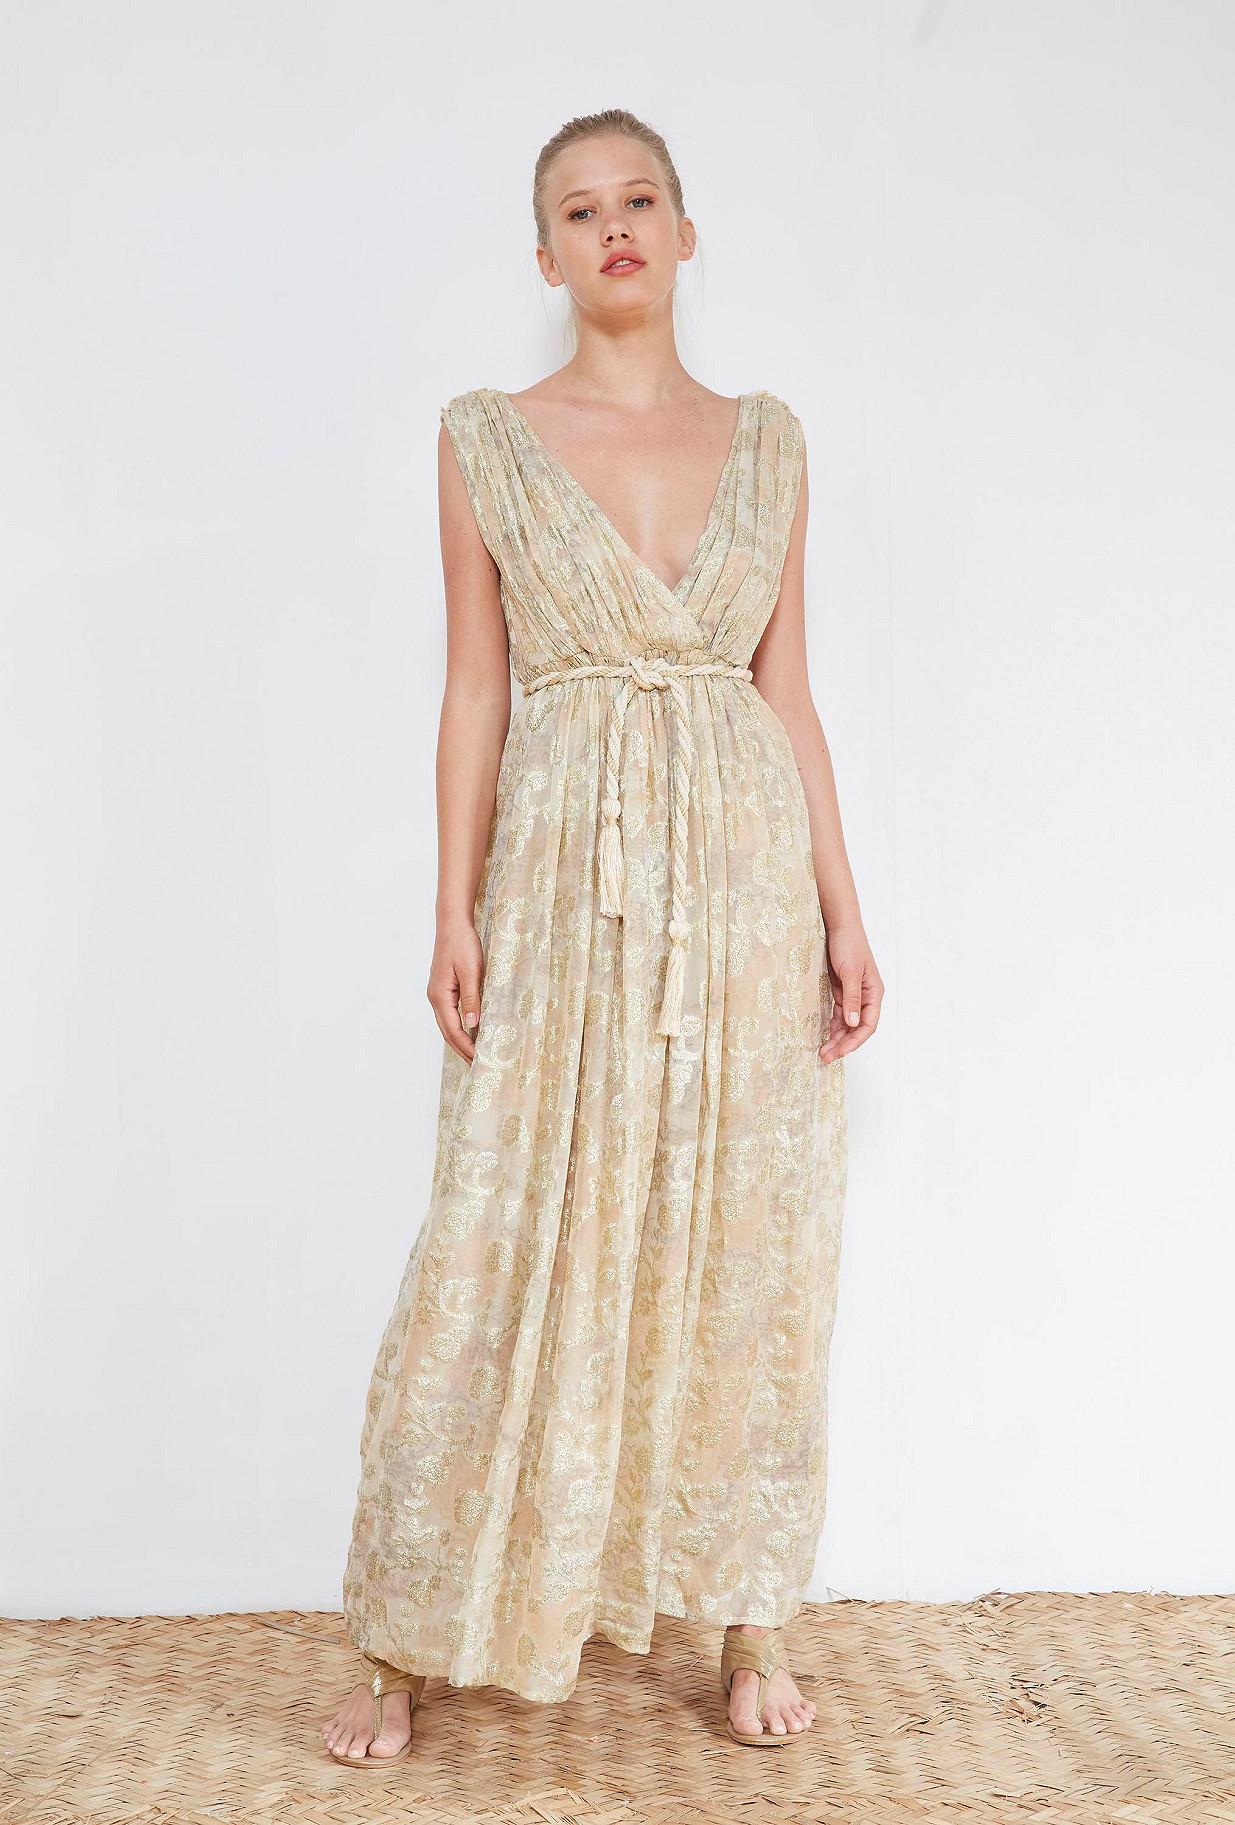 Powder  DRESS  Artem Mes demoiselles fashion clothes designer Paris